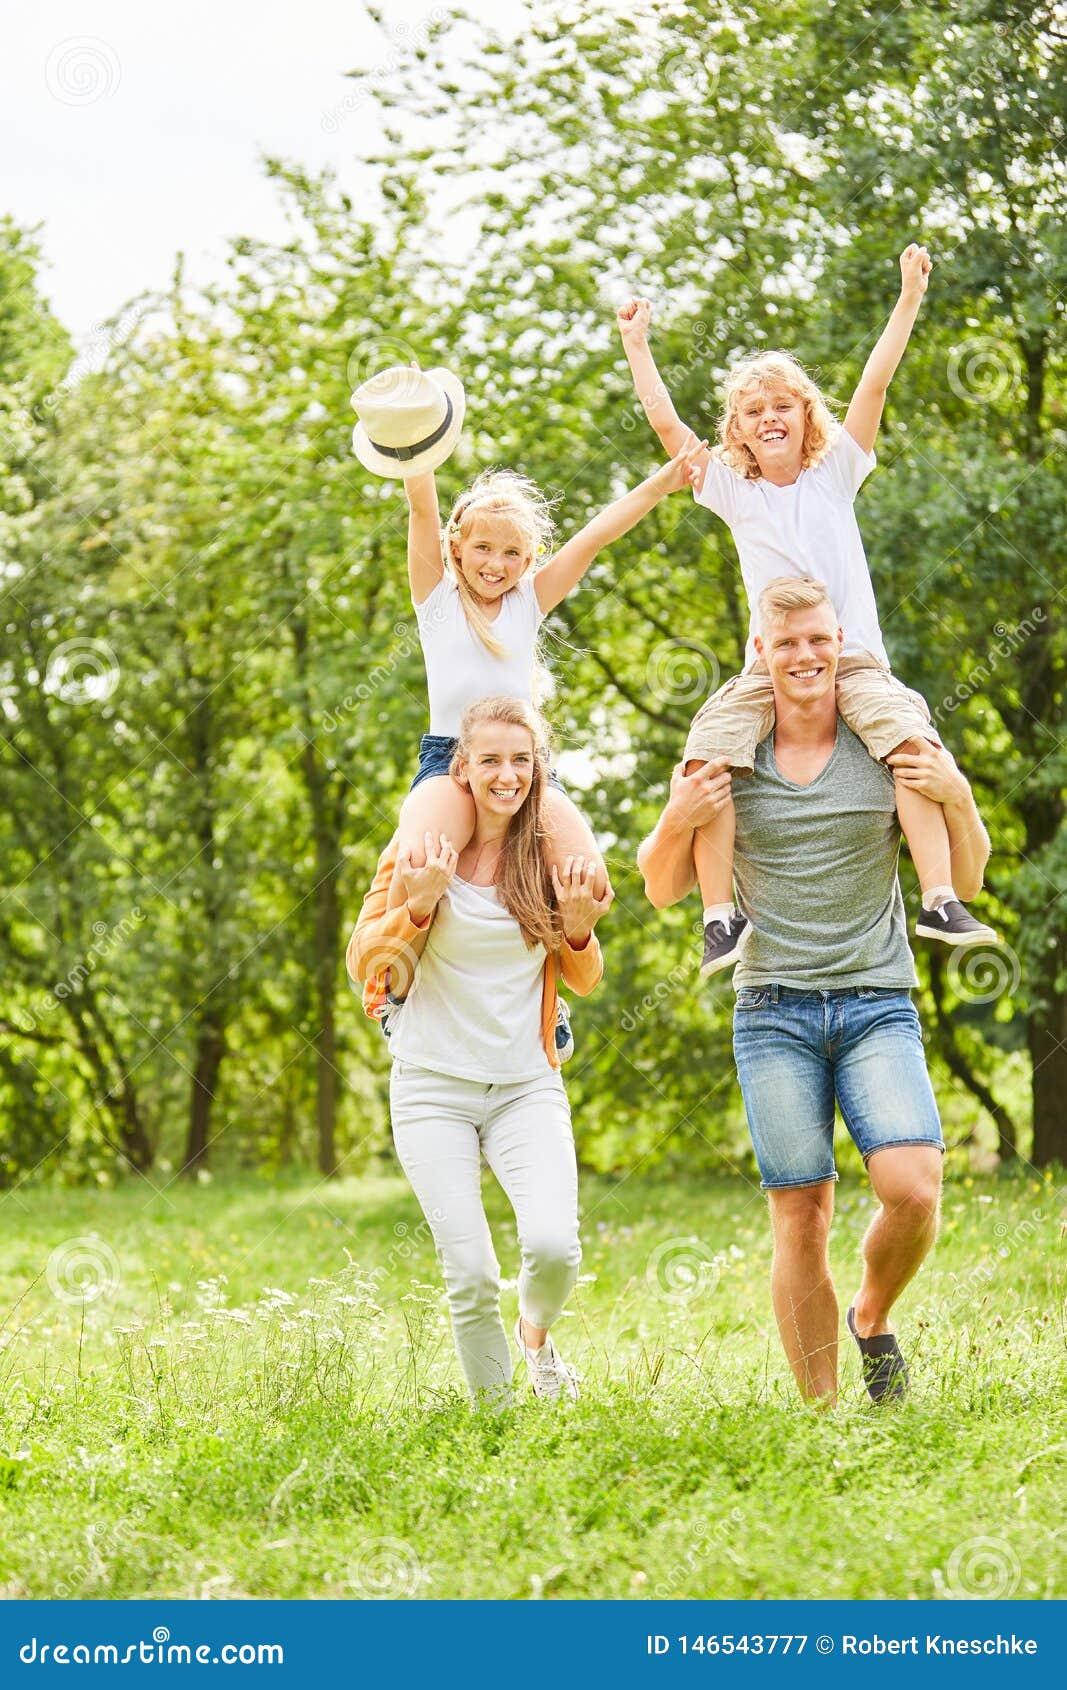 Los padres llevan a niños alegres a cuestas